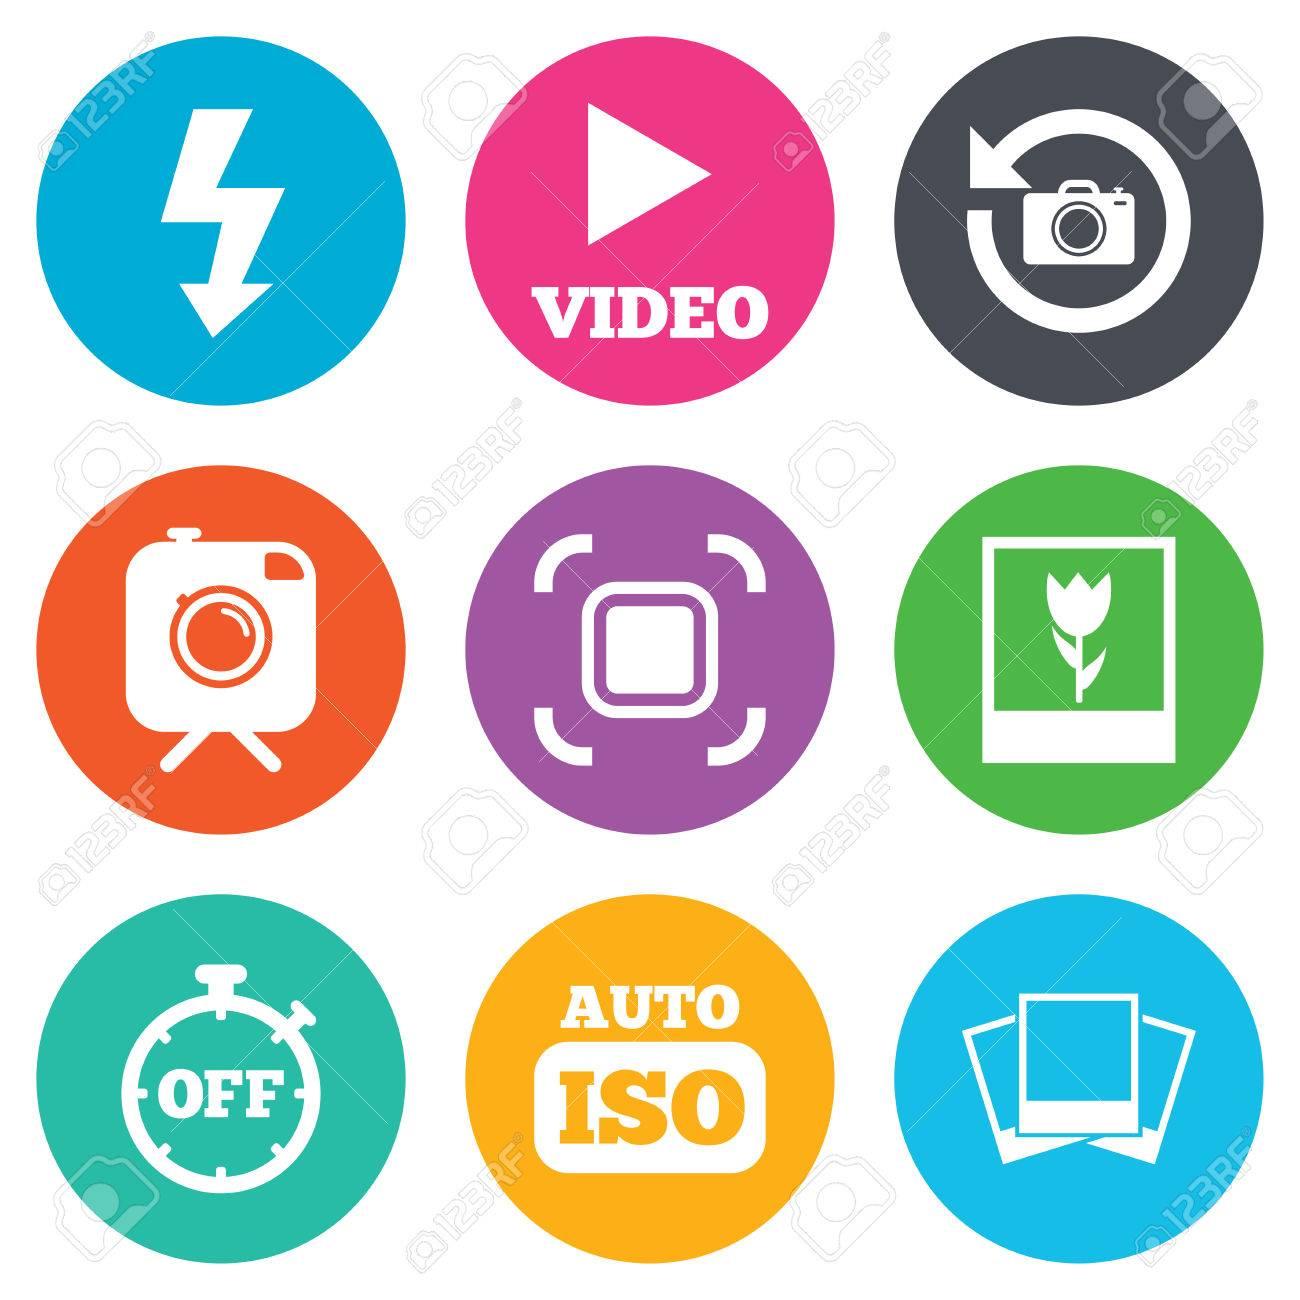 Foto, Video-Icons. Kamera, Fotos Und Rahmenzeichen. Blitz, Timer Und ...